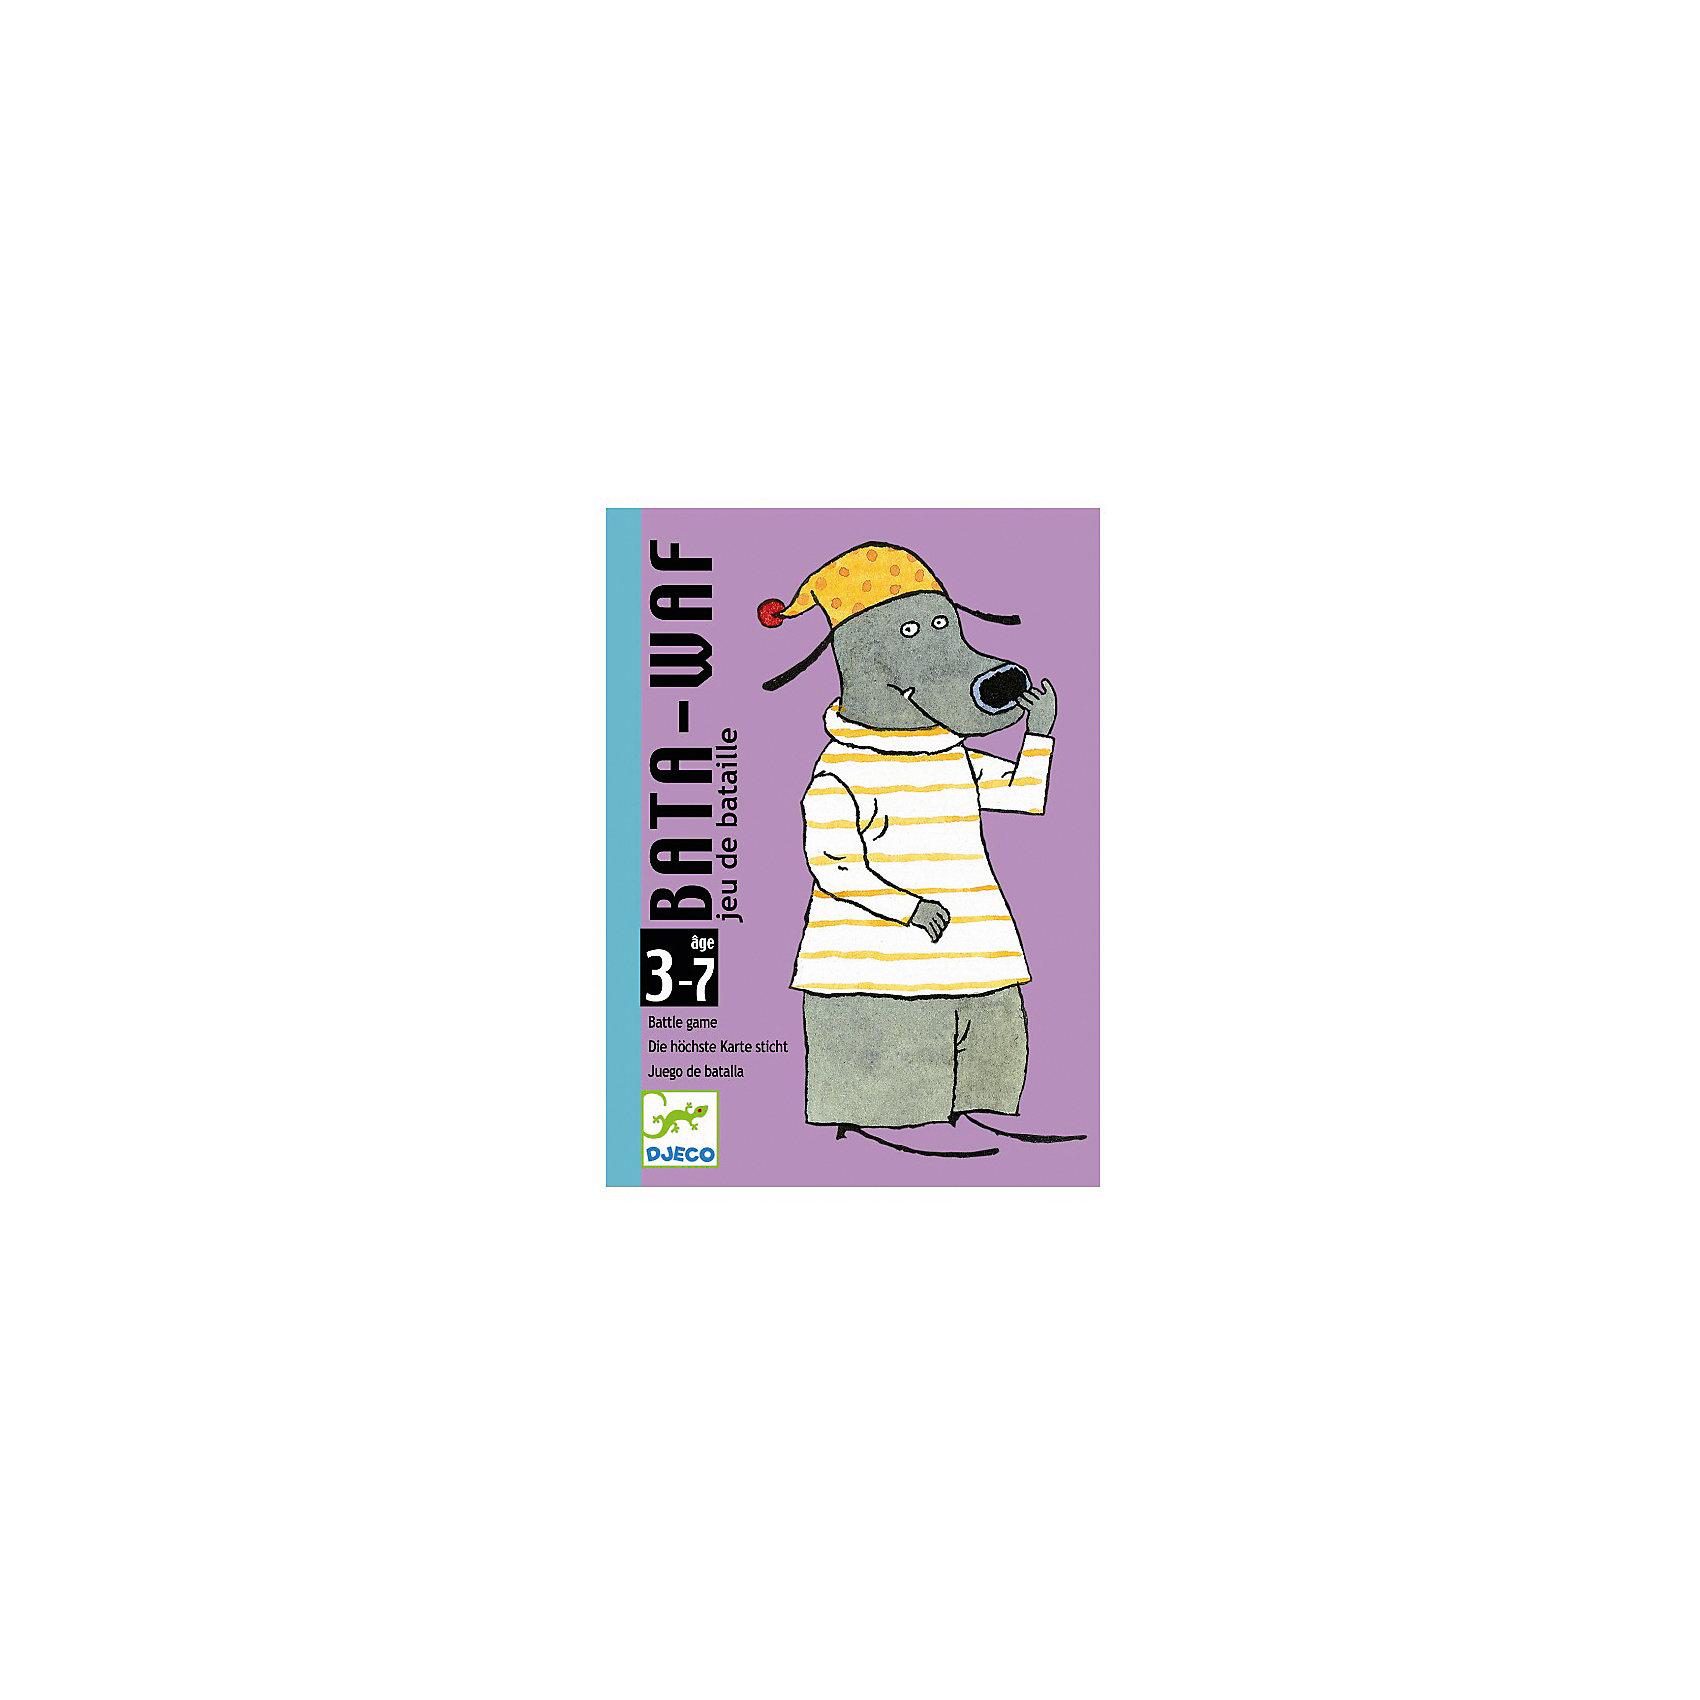 DJECO Настольная игра Батаваф, DJECO спортивный инвентарь djeco игра резиночка зайчик page 6